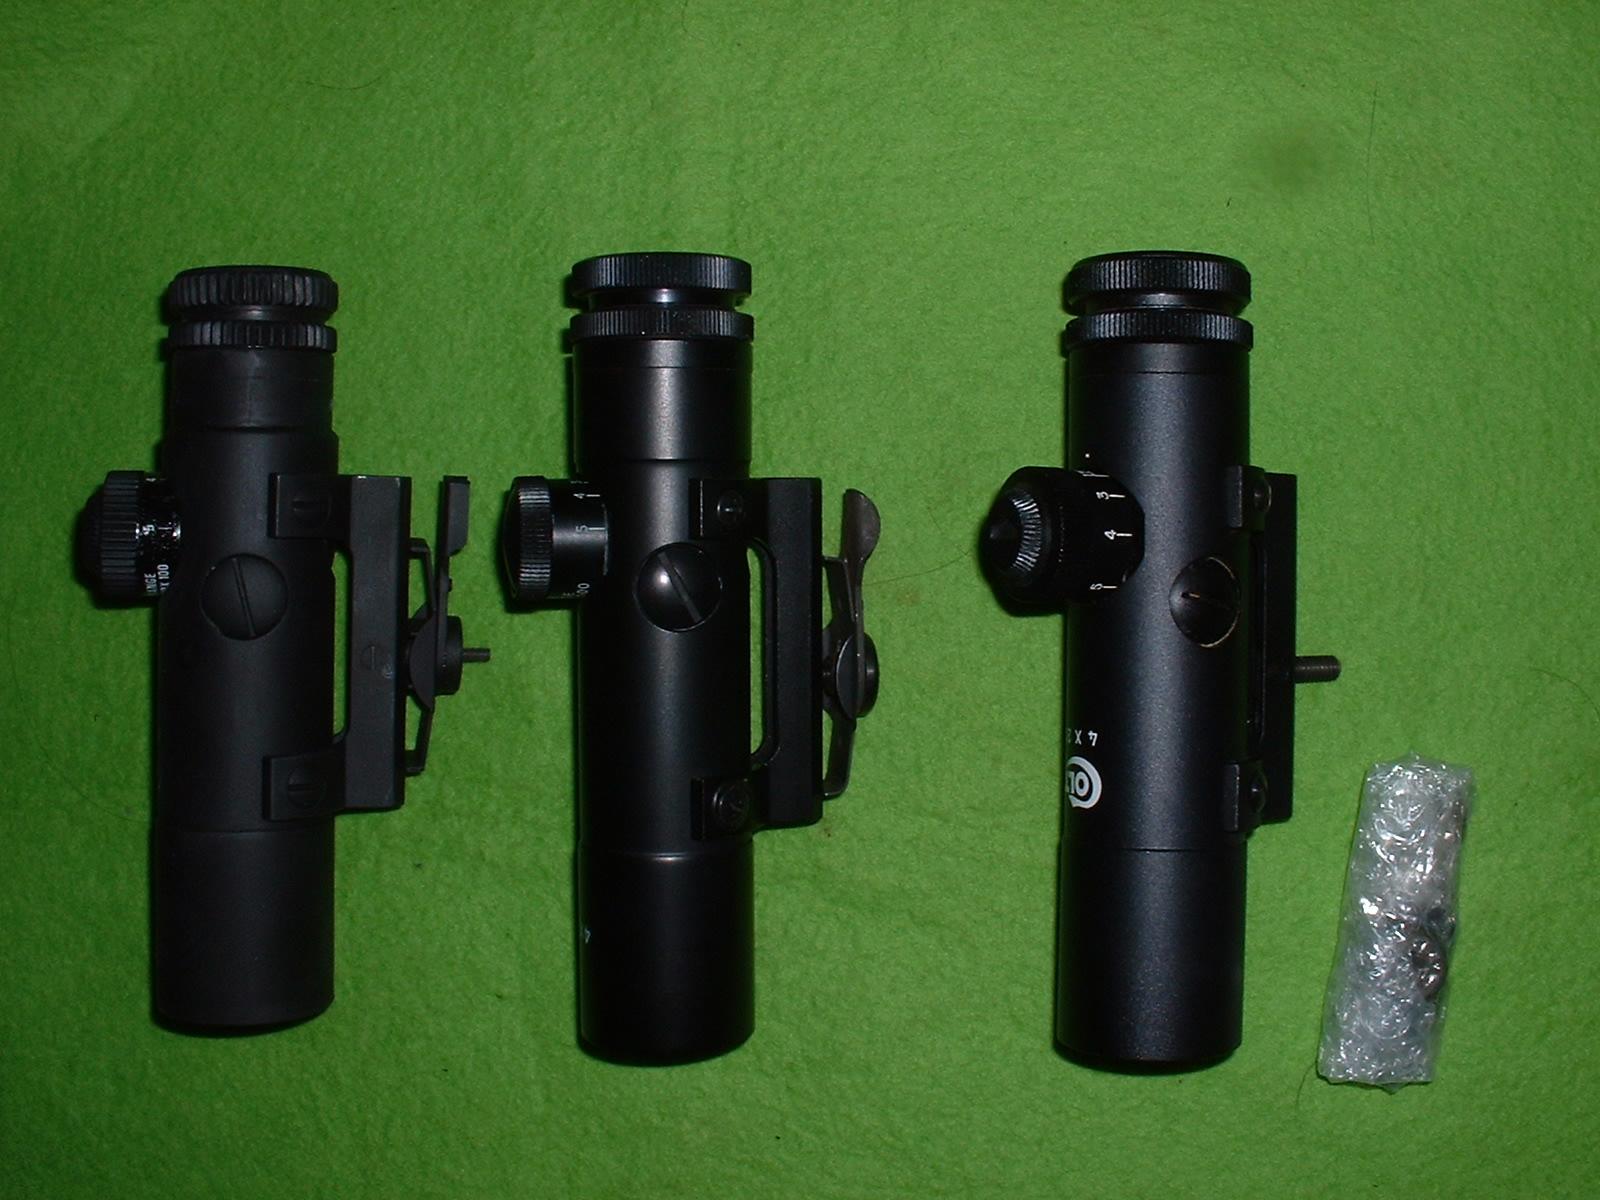 手持ちスコープ側面比較 左より LS、中国製コピー、M16用実物 Doburoku-TAO.JPG